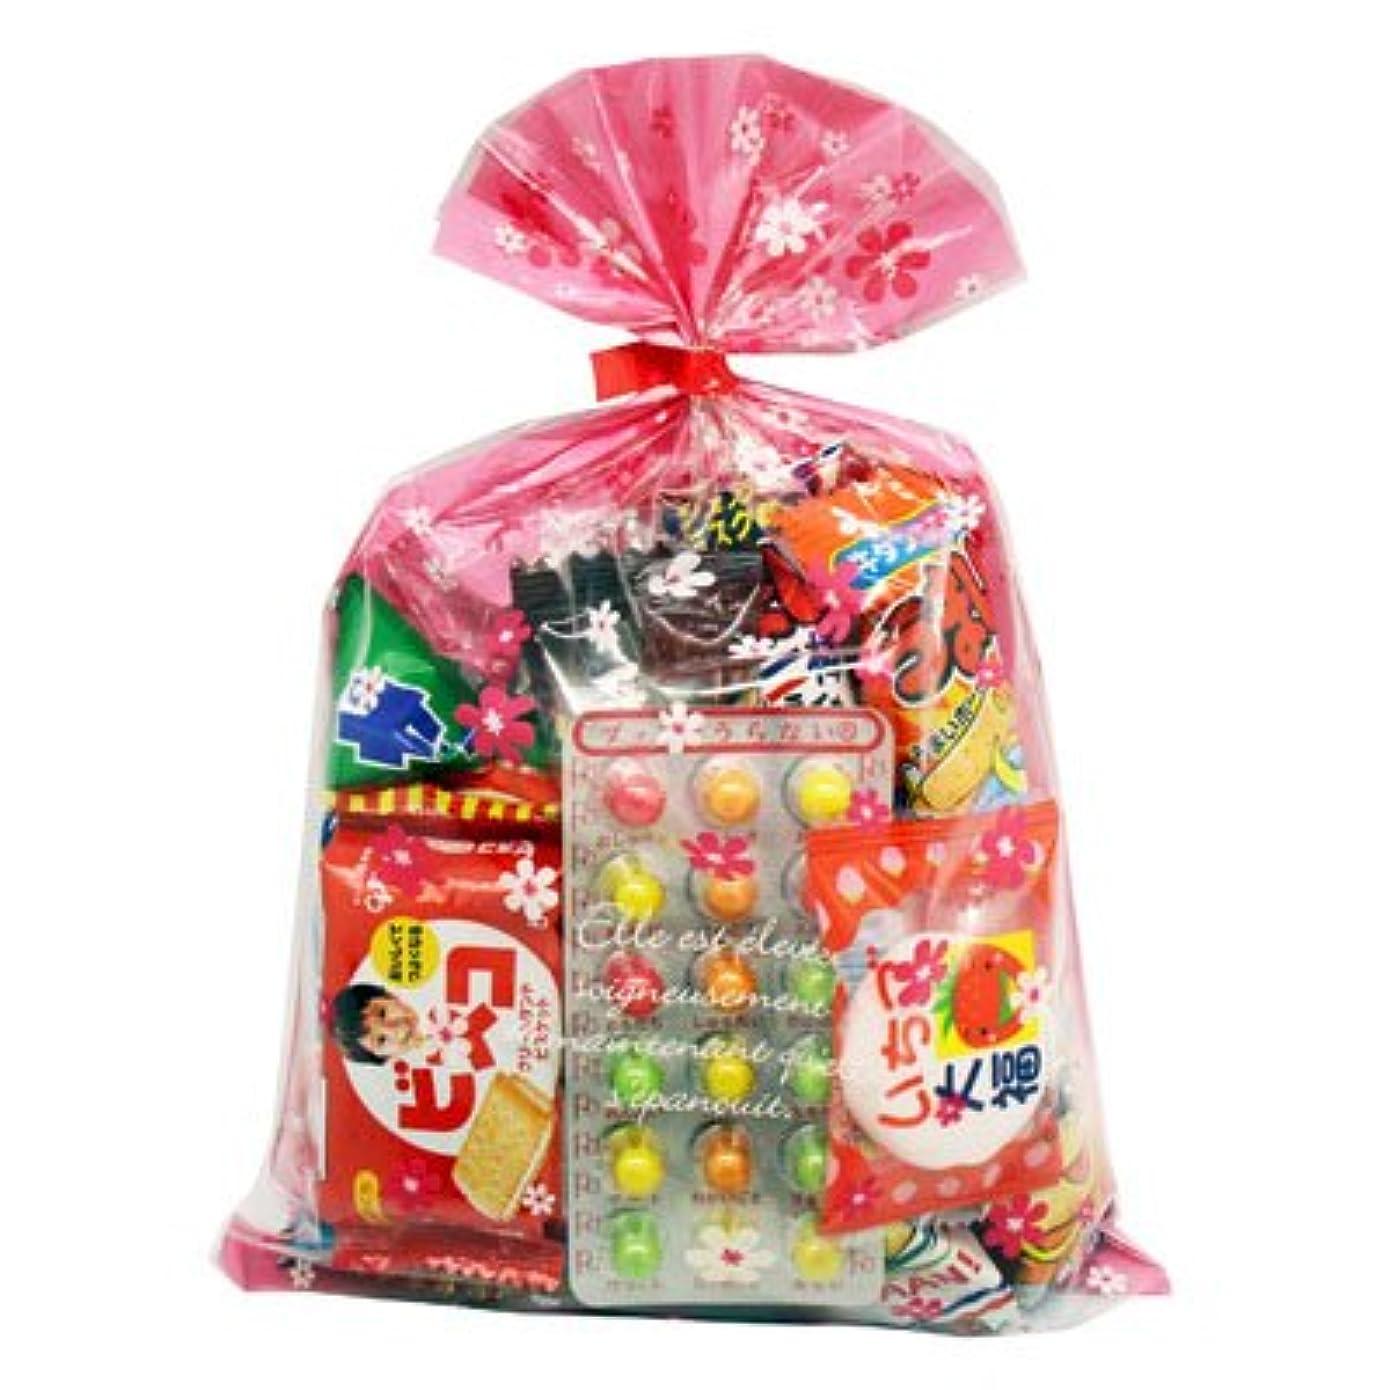 わずかにシンボルする必要がある花柄袋 295円 お菓子 詰め合わせ (Bセット) 駄菓子 袋詰め おかしのマーチ